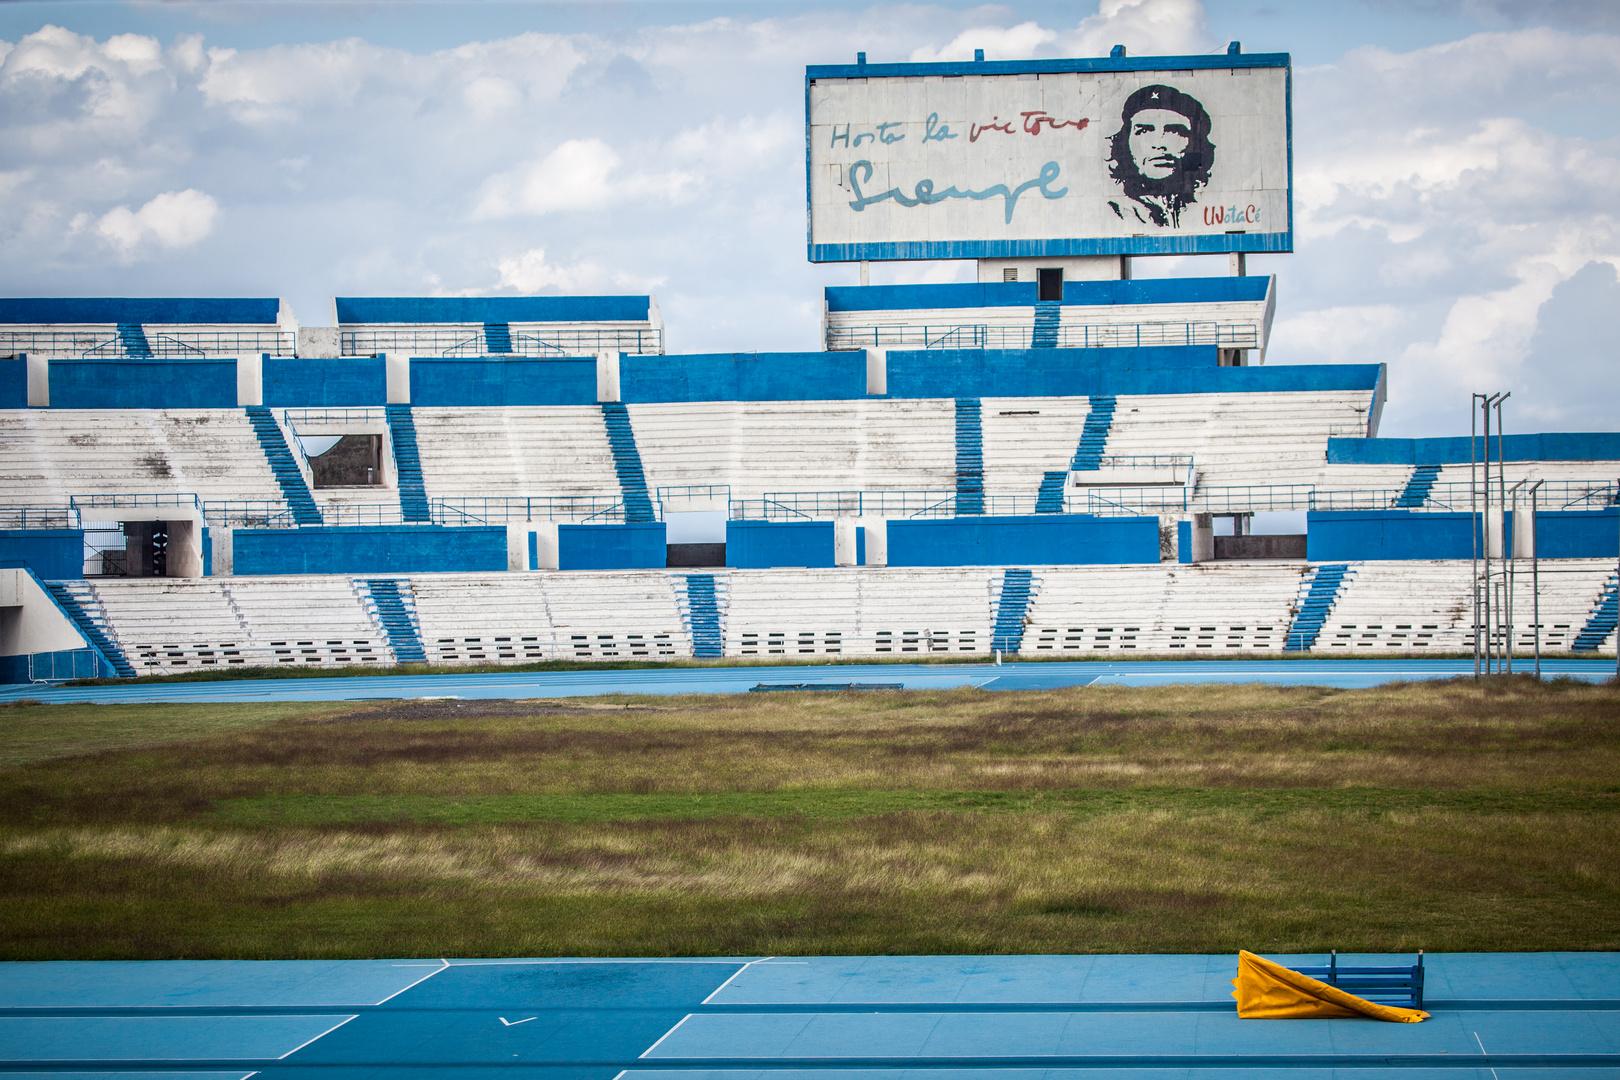 Stadion Havanna